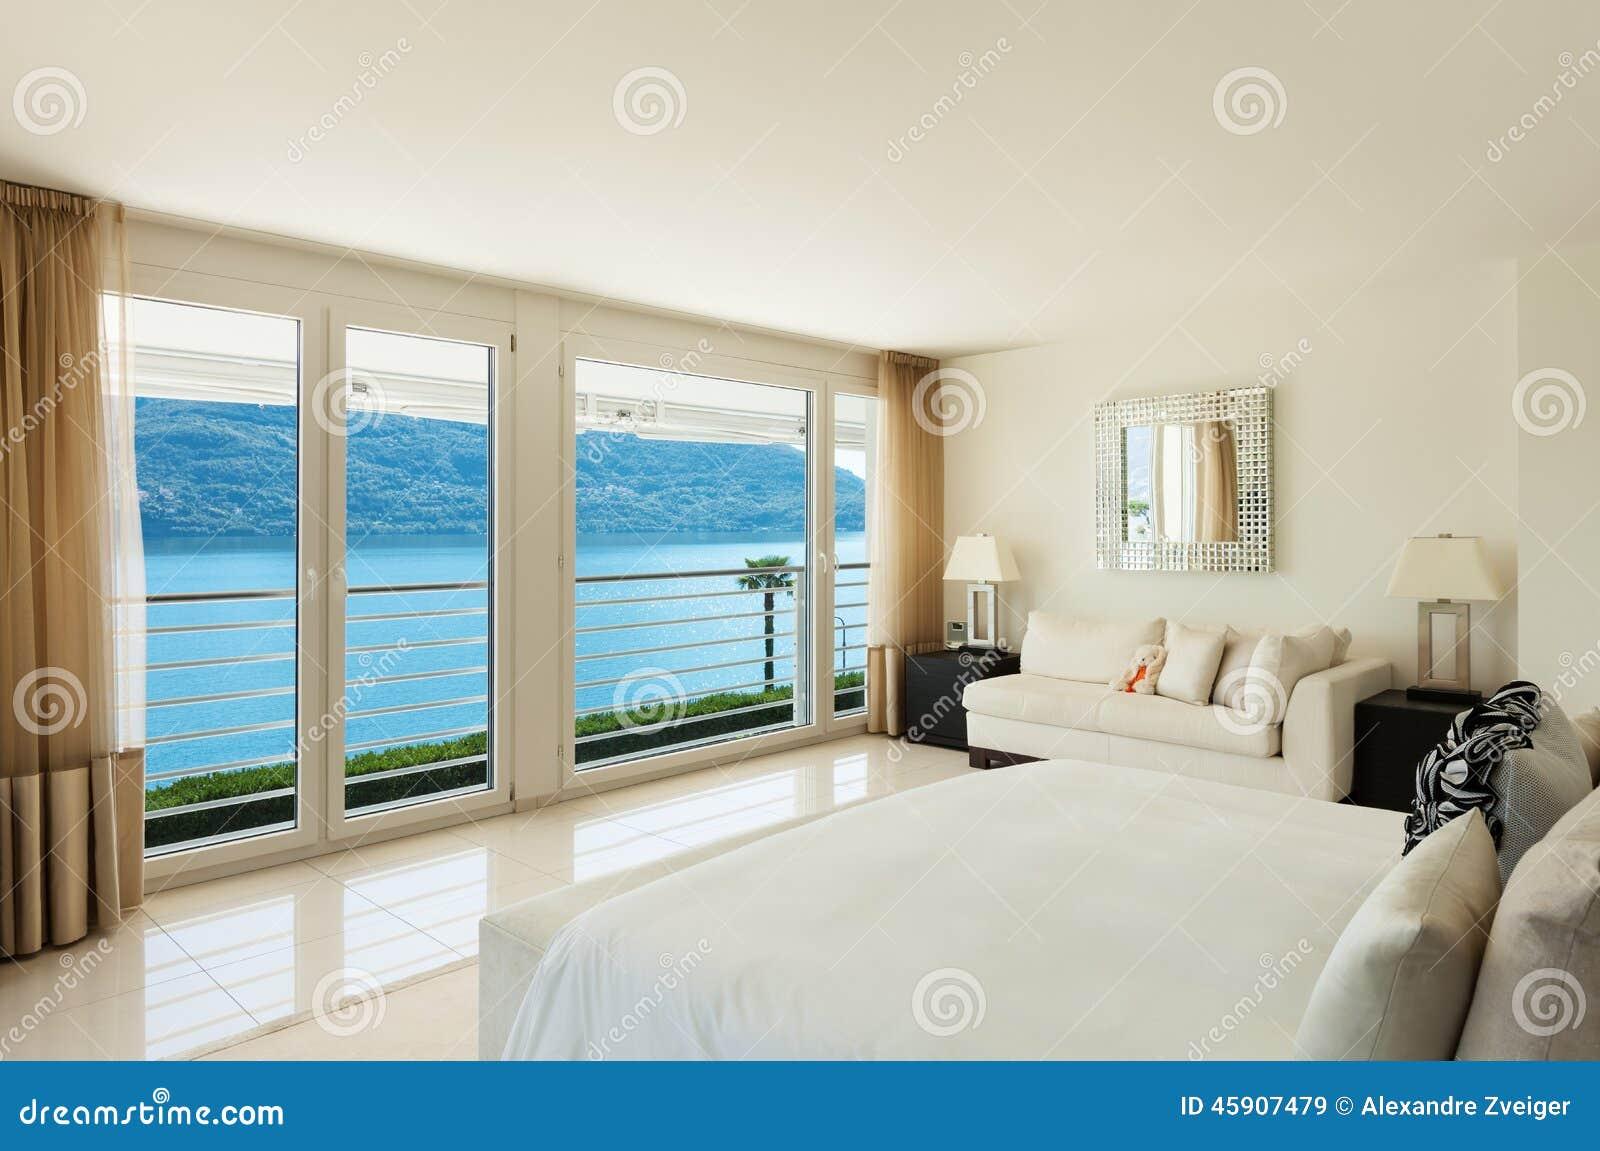 Interior Design Moderno, Camera Da Letto Immagine Stock - Immagine ...